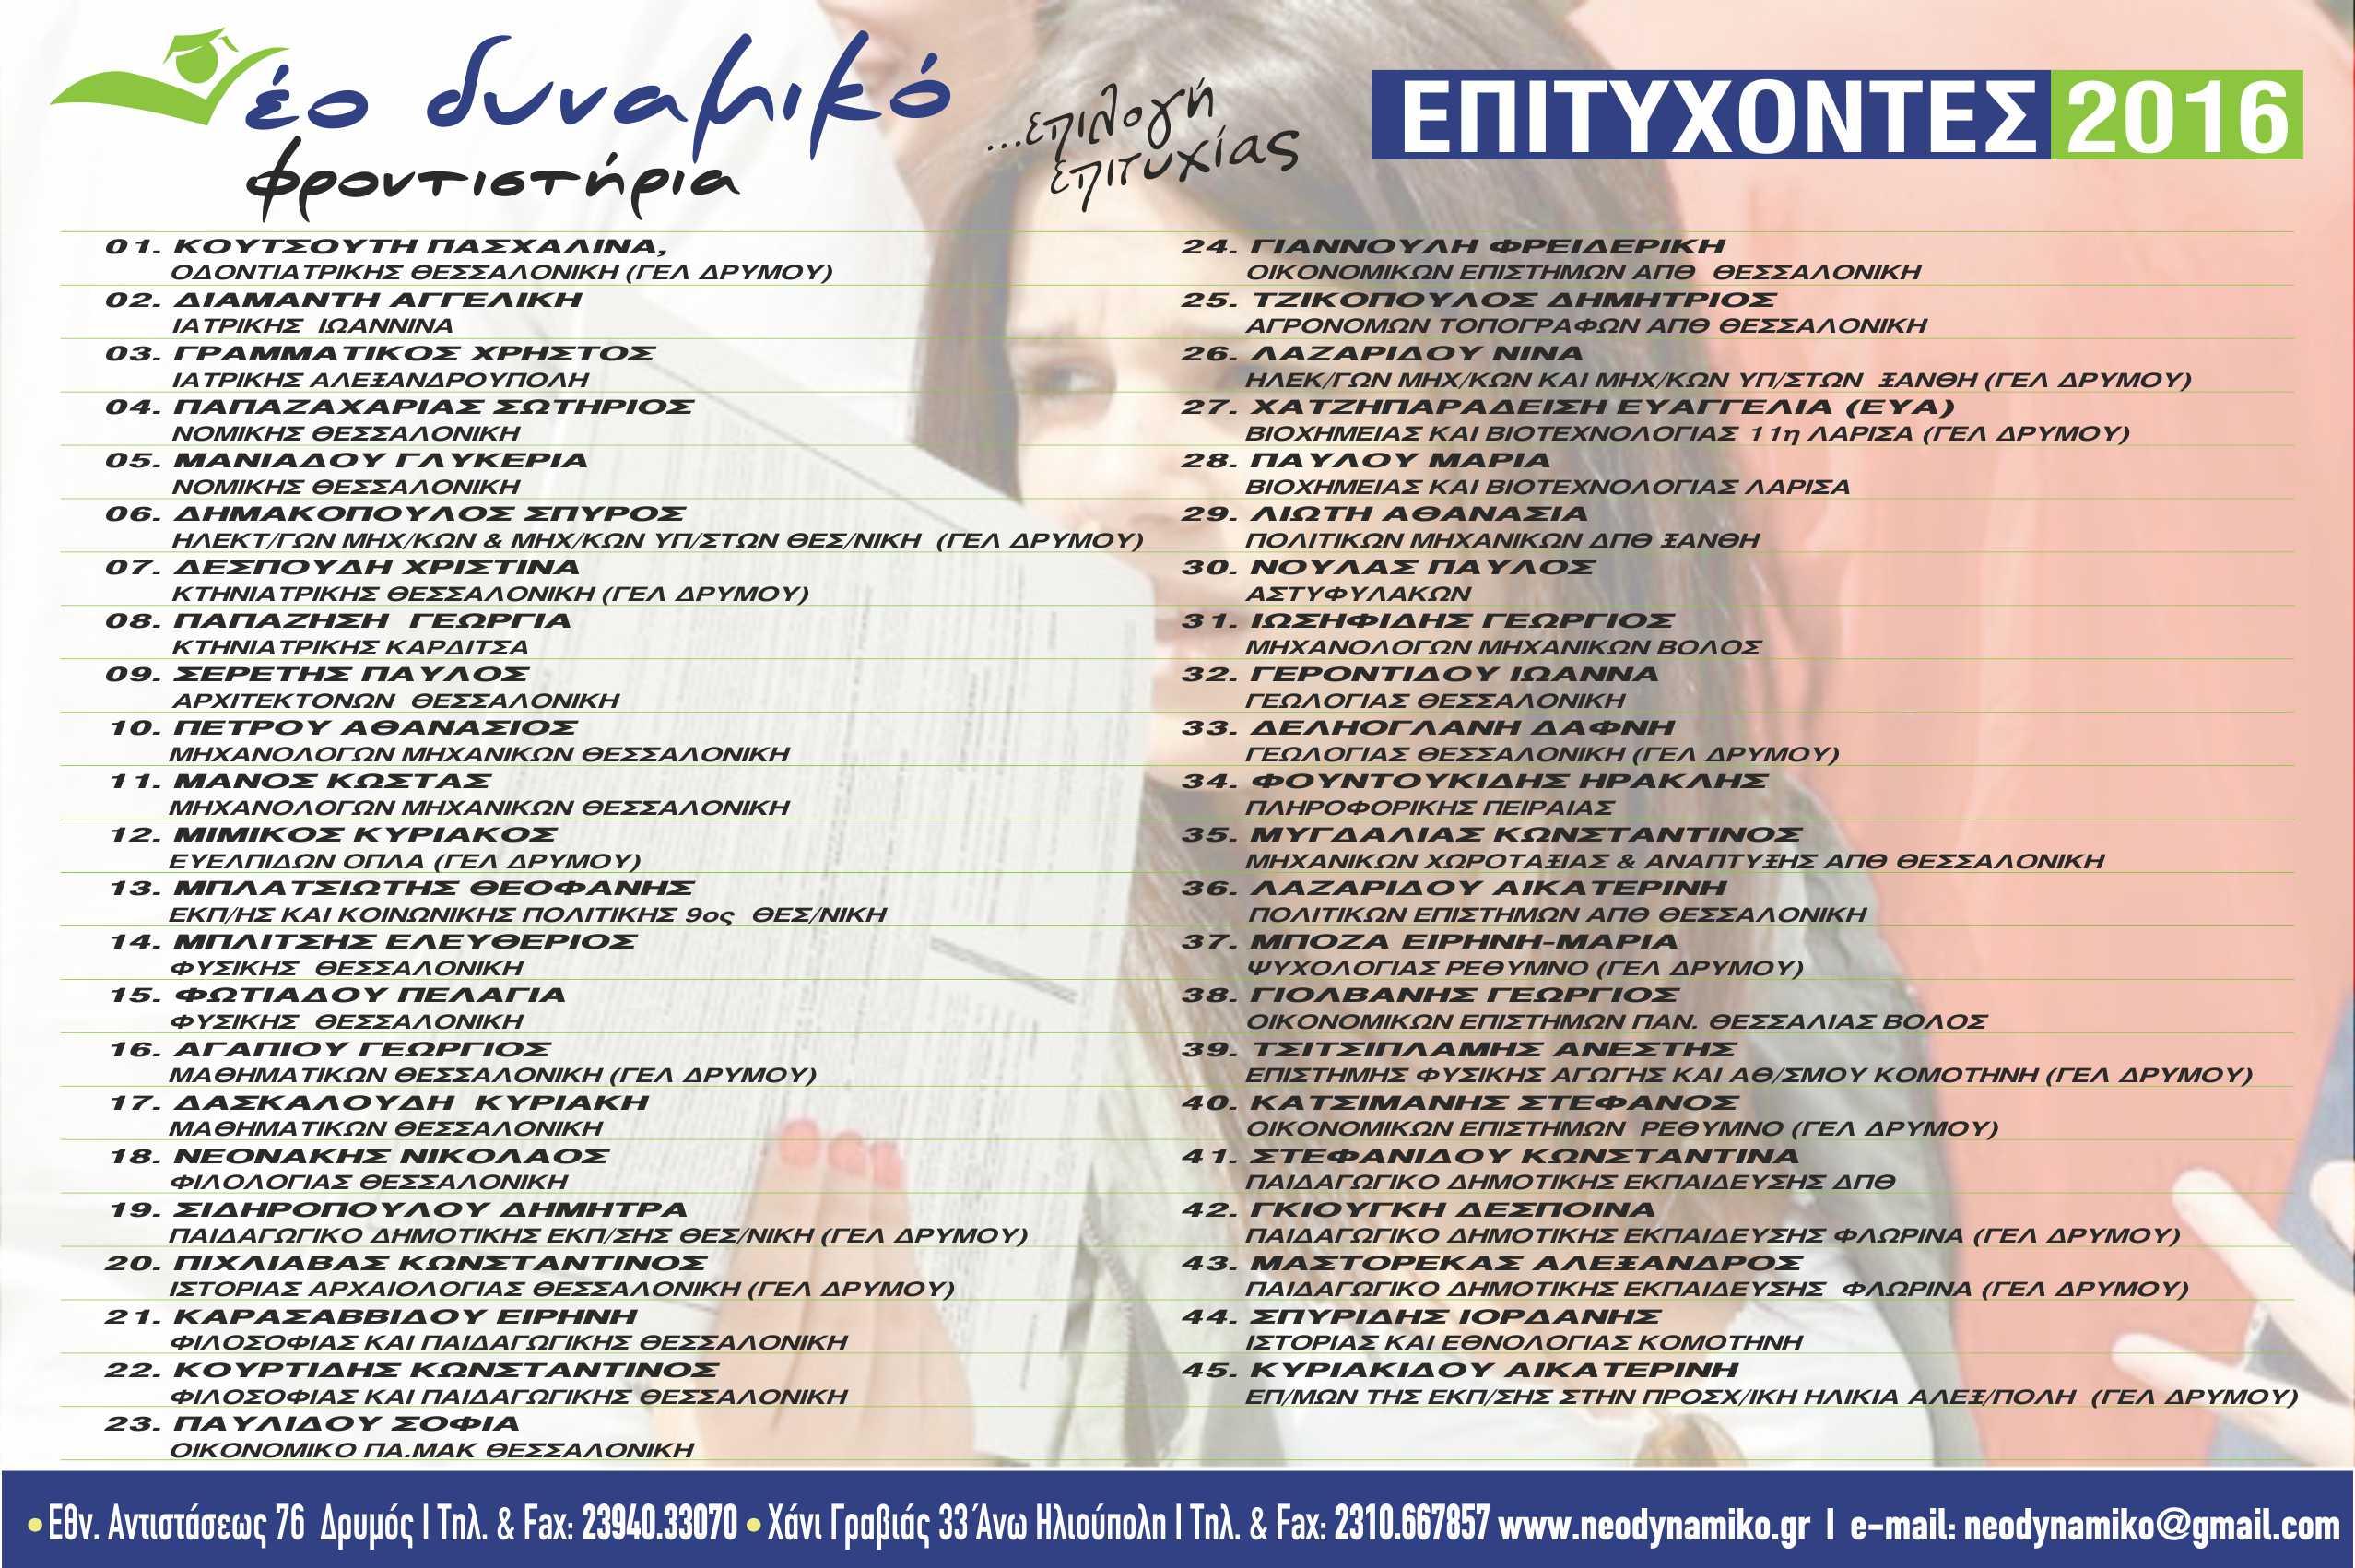 epityxontes-2016